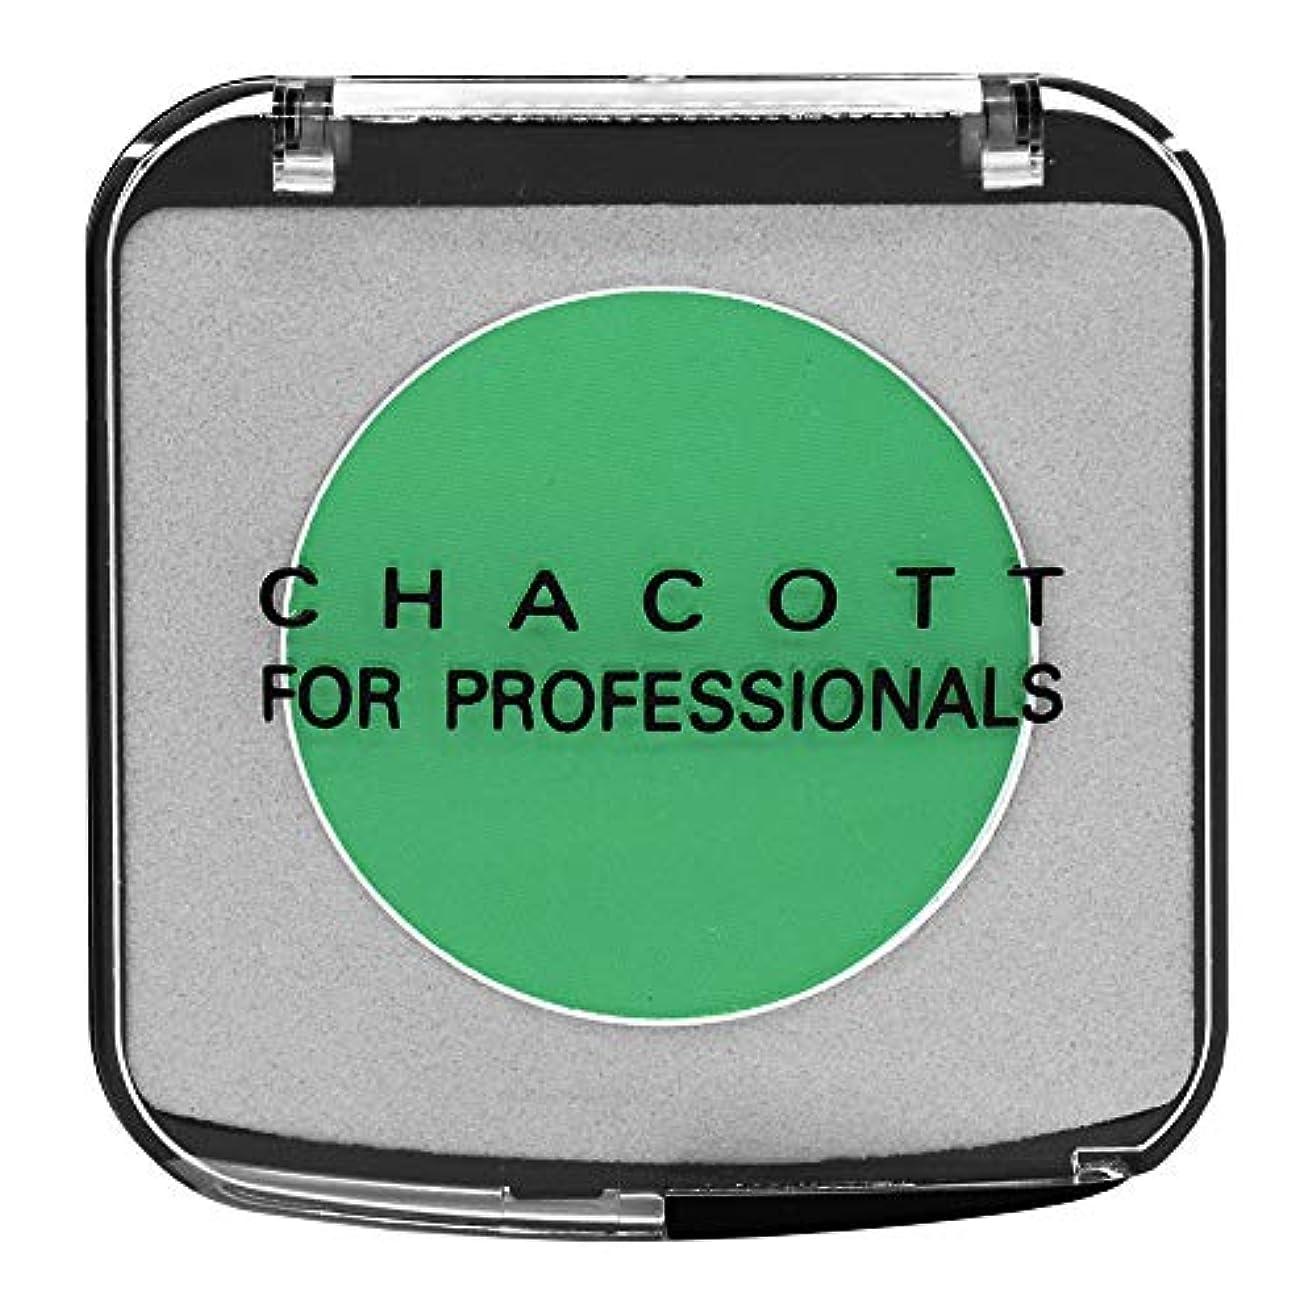 理由技術的なありがたいCHACOTT<チャコット> カラーバリエーション 633.グラスグリーン